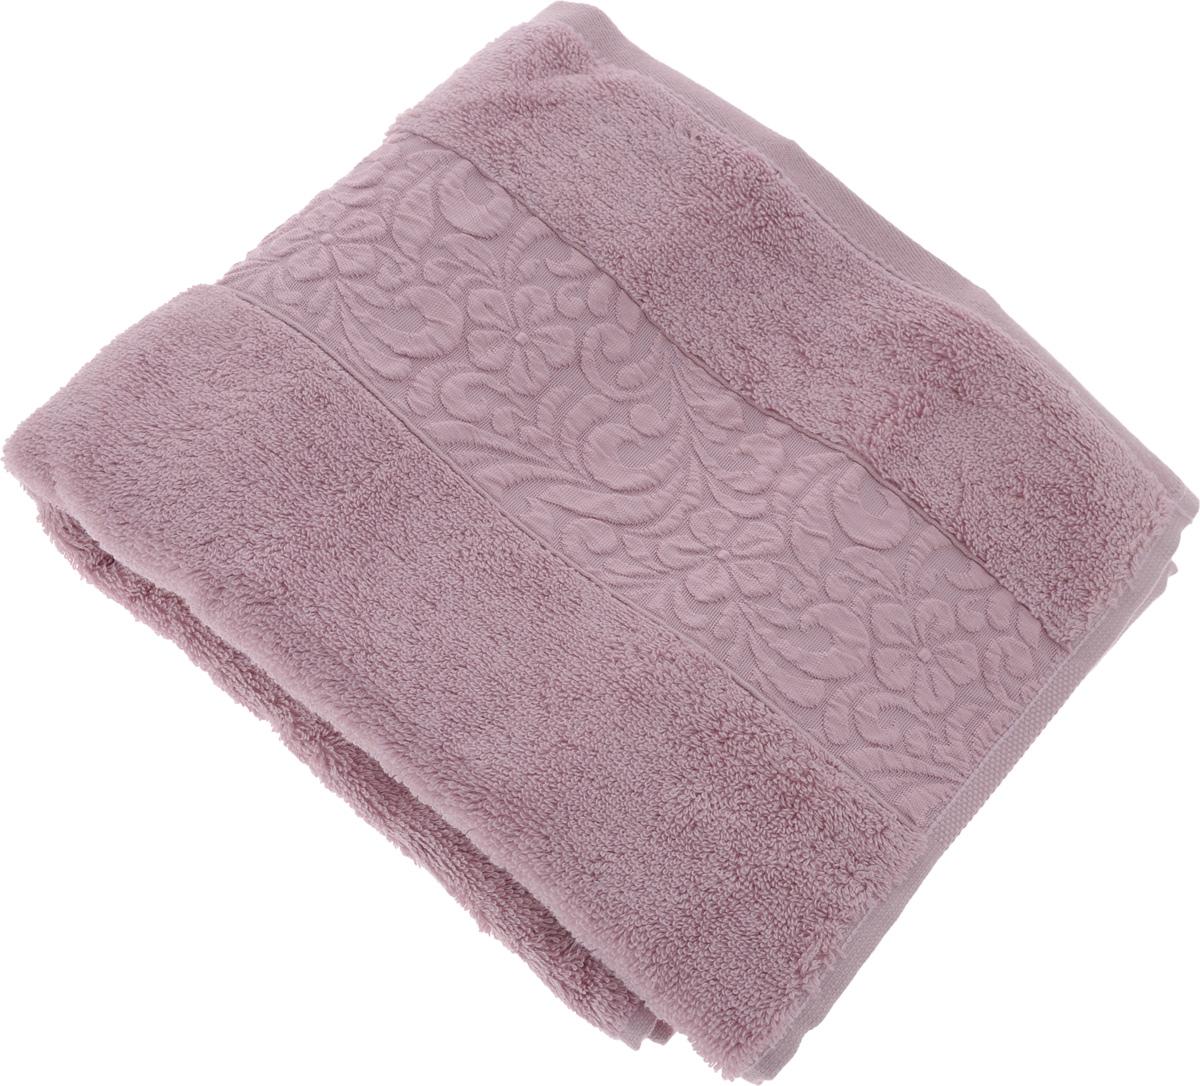 Полотенце бамбуковое Issimo Home Valencia, цвет: светло-пурпурный, 50 x 90 см531-105Полотенце Issimo Home Valencia выполнено из 60% бамбукового волокна и 40% хлопка. Таким полотенцем не нужно вытираться - только коснитесь кожи - и ткань сама все впитает. Такая ткань впитывает в 3 раза лучше, чем хлопок.Несмотря на высокую плотность, полотенце быстро сохнет, остается легкими даже при намокании.Изделие имеет красивый жаккардовый бордюр, оформленный цветочным орнаментом. Благородные, классические тона создадут уют и подчеркнут лучшие качества махровой ткани, а сочные, яркие, летние оттенки создадут ощущение праздника и наполнят дом энергией. Красивая, стильная упаковка этого полотенца делает его уже готовым подарком к любому случаю.